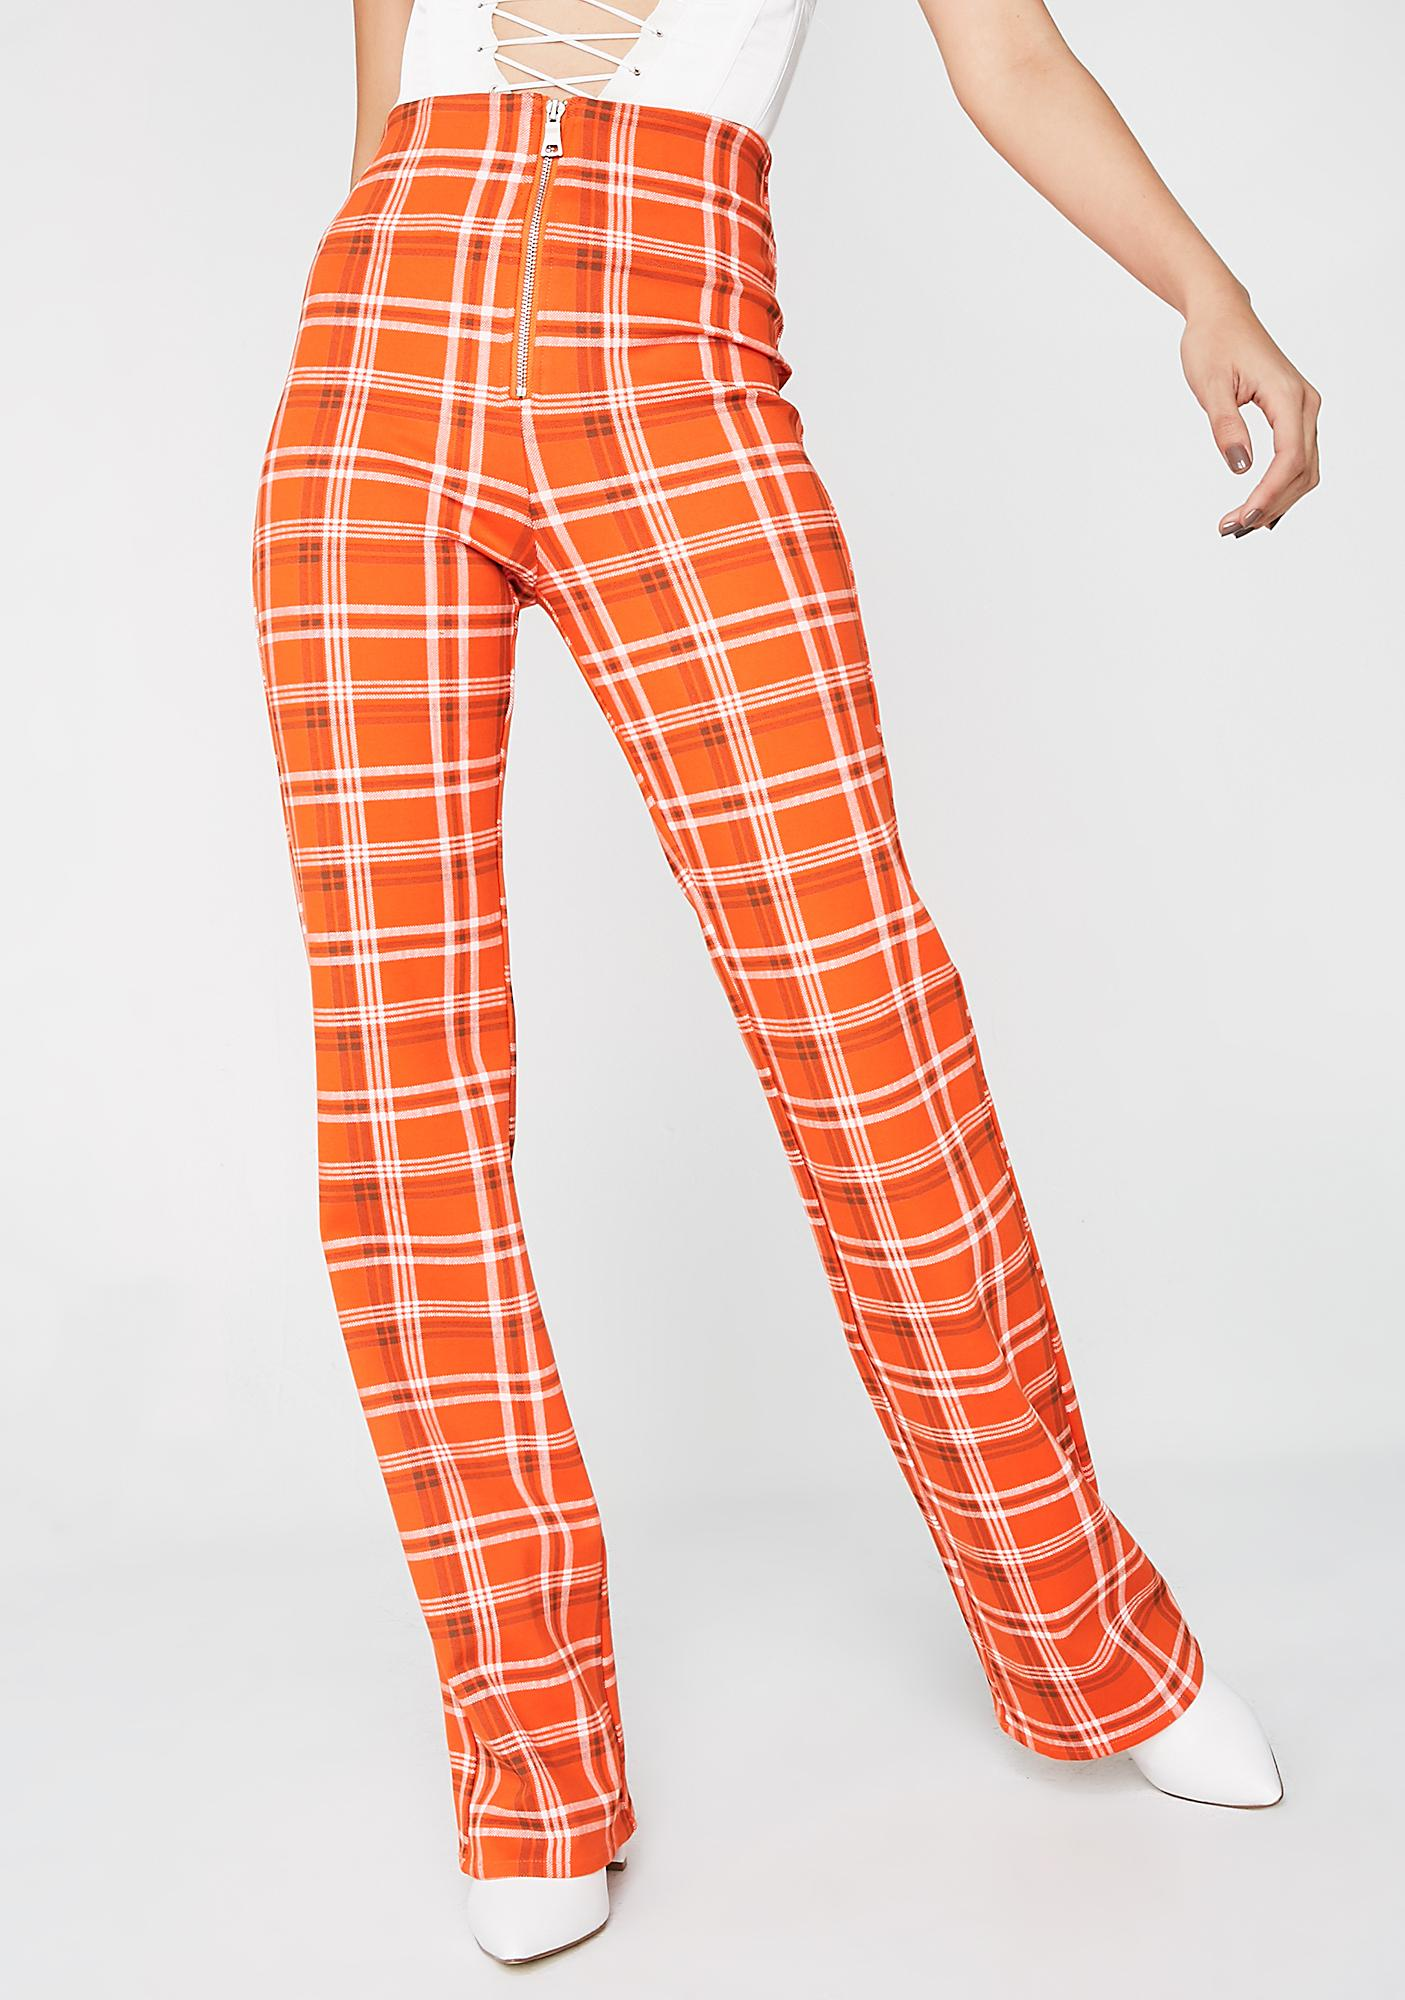 I AM GIA Polaris Pants